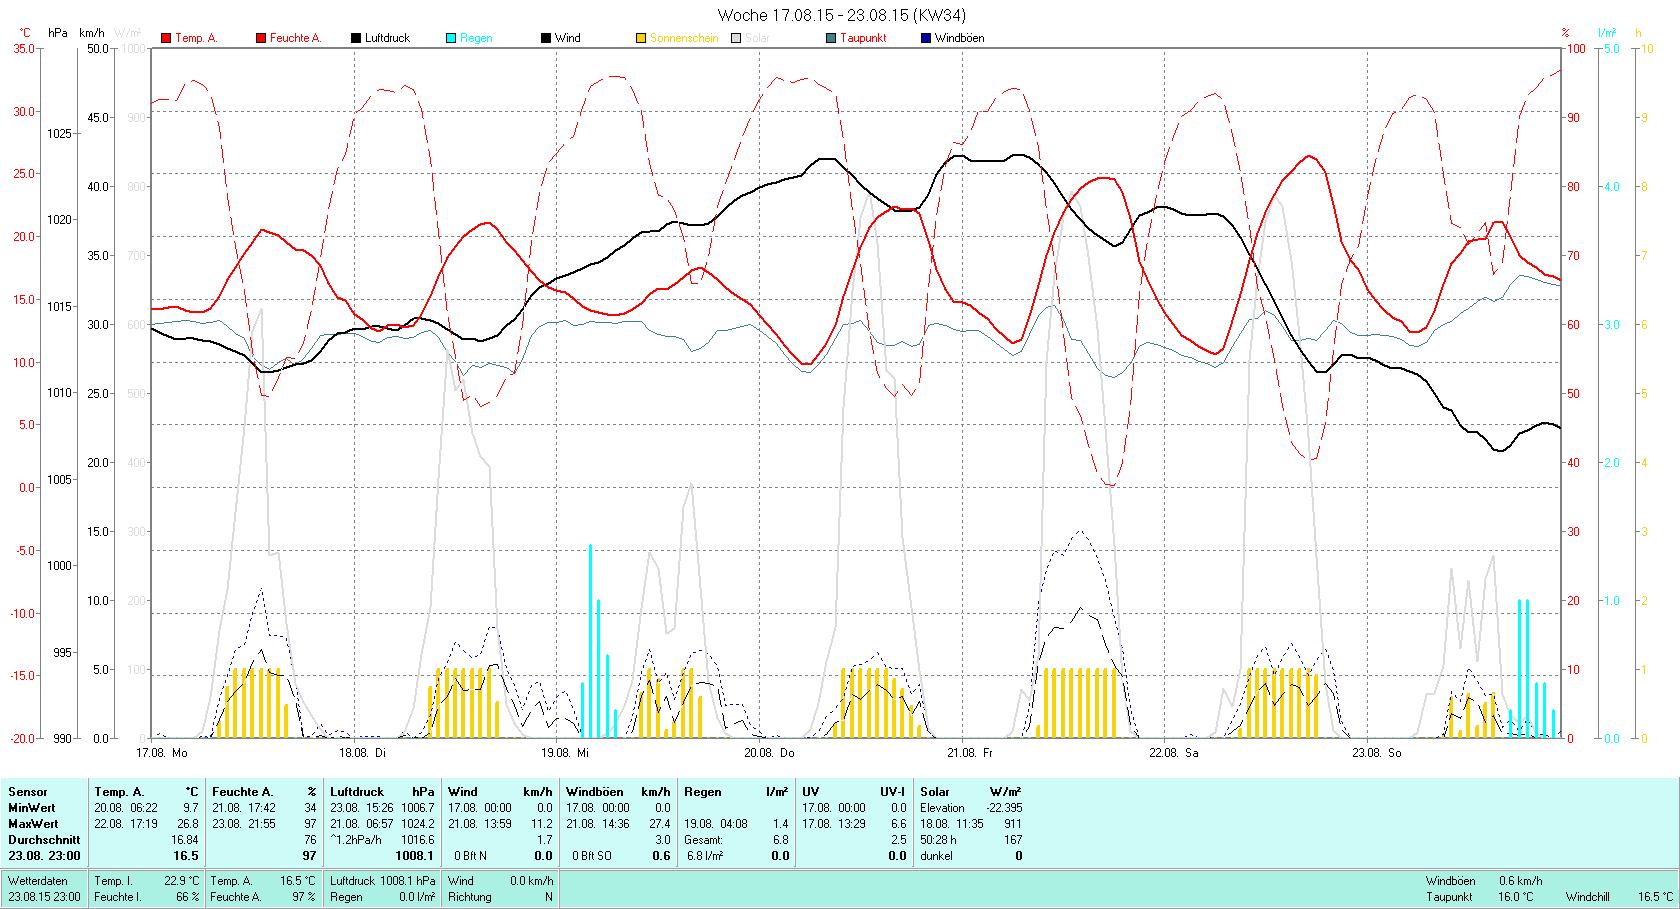 KW 34 Tmin 9.7°C, Tmax 26.8°C, Sonne 50:28h, Niederschlag 6.8mm/2